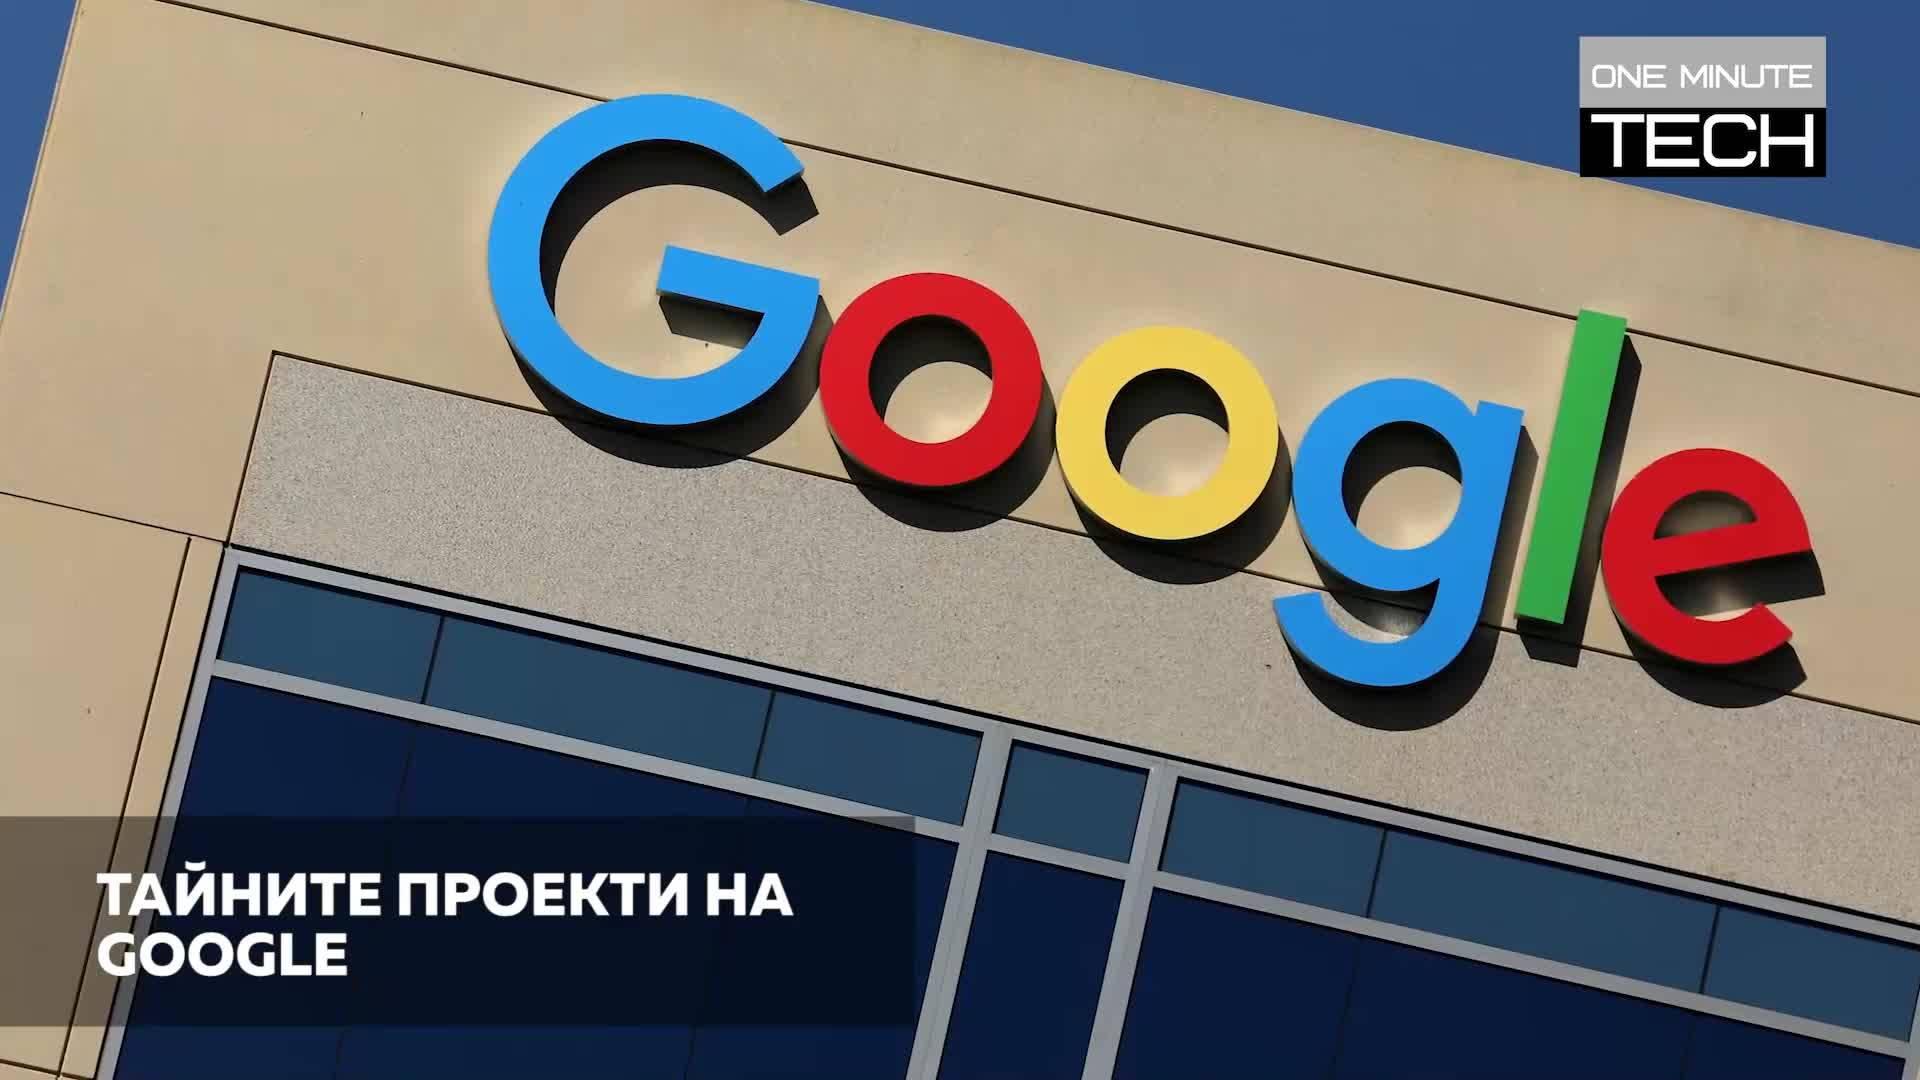 Тайните проекти на Google